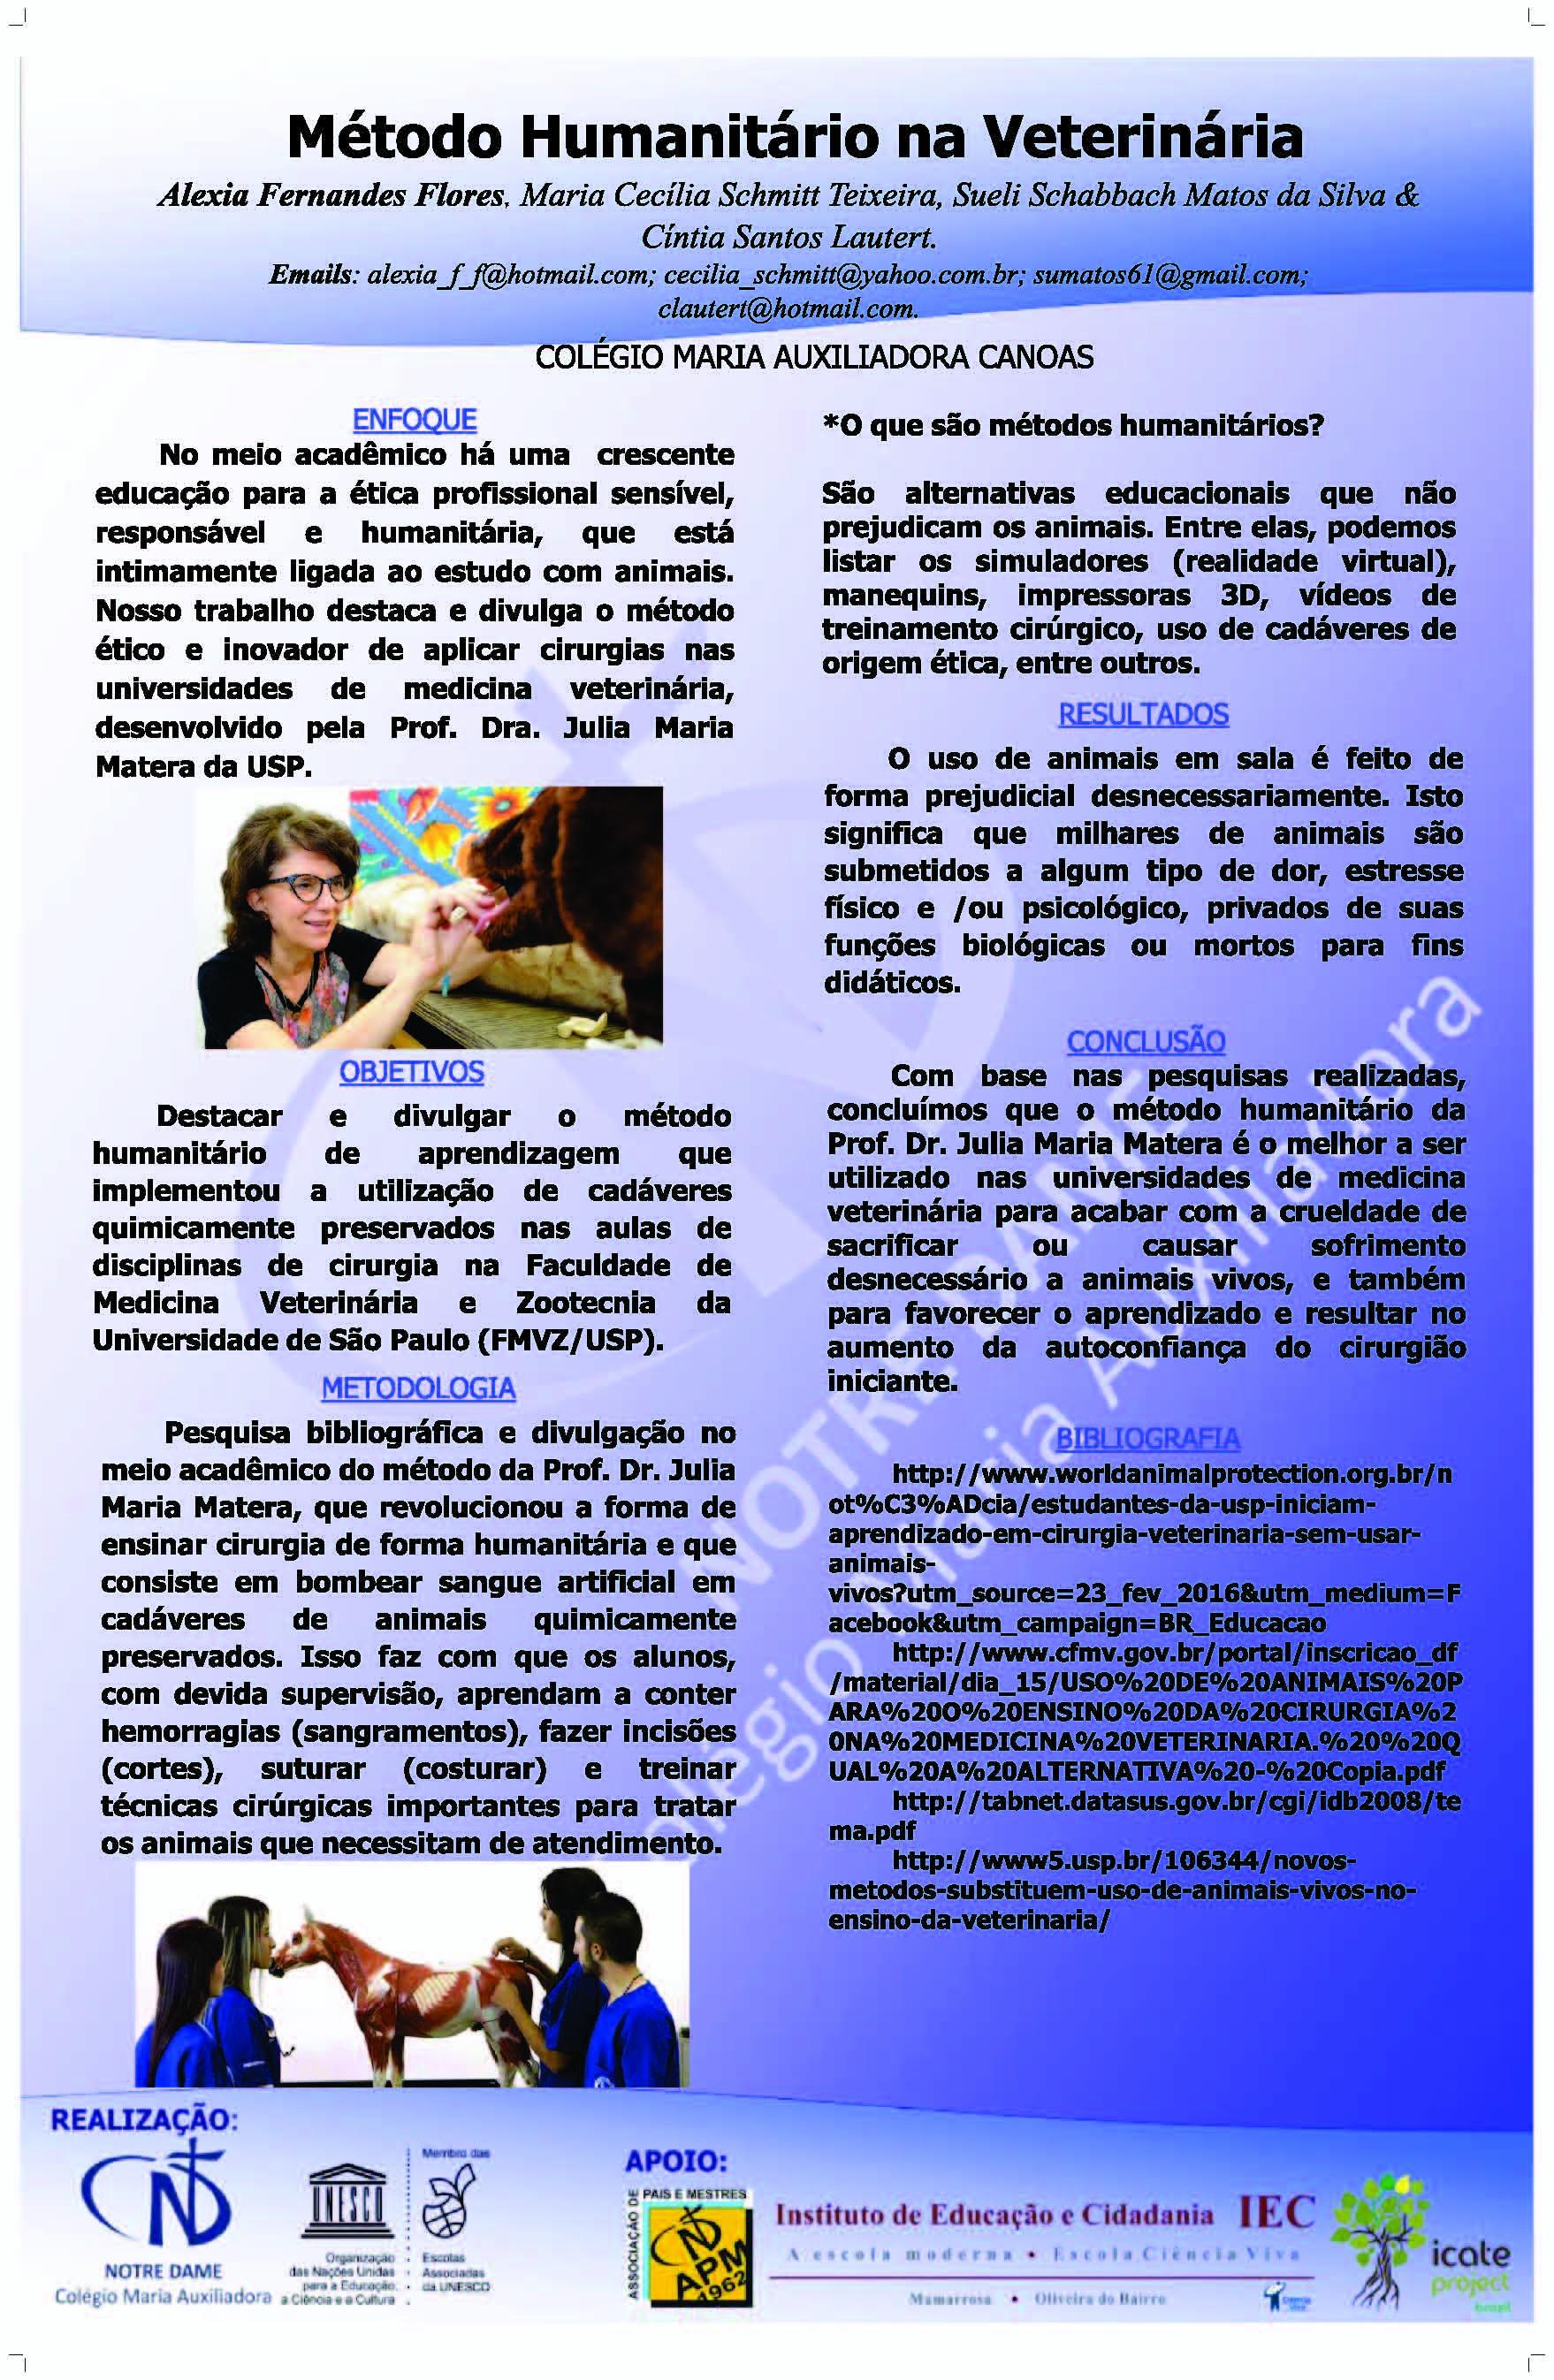 Método Humanitário na Veterinária